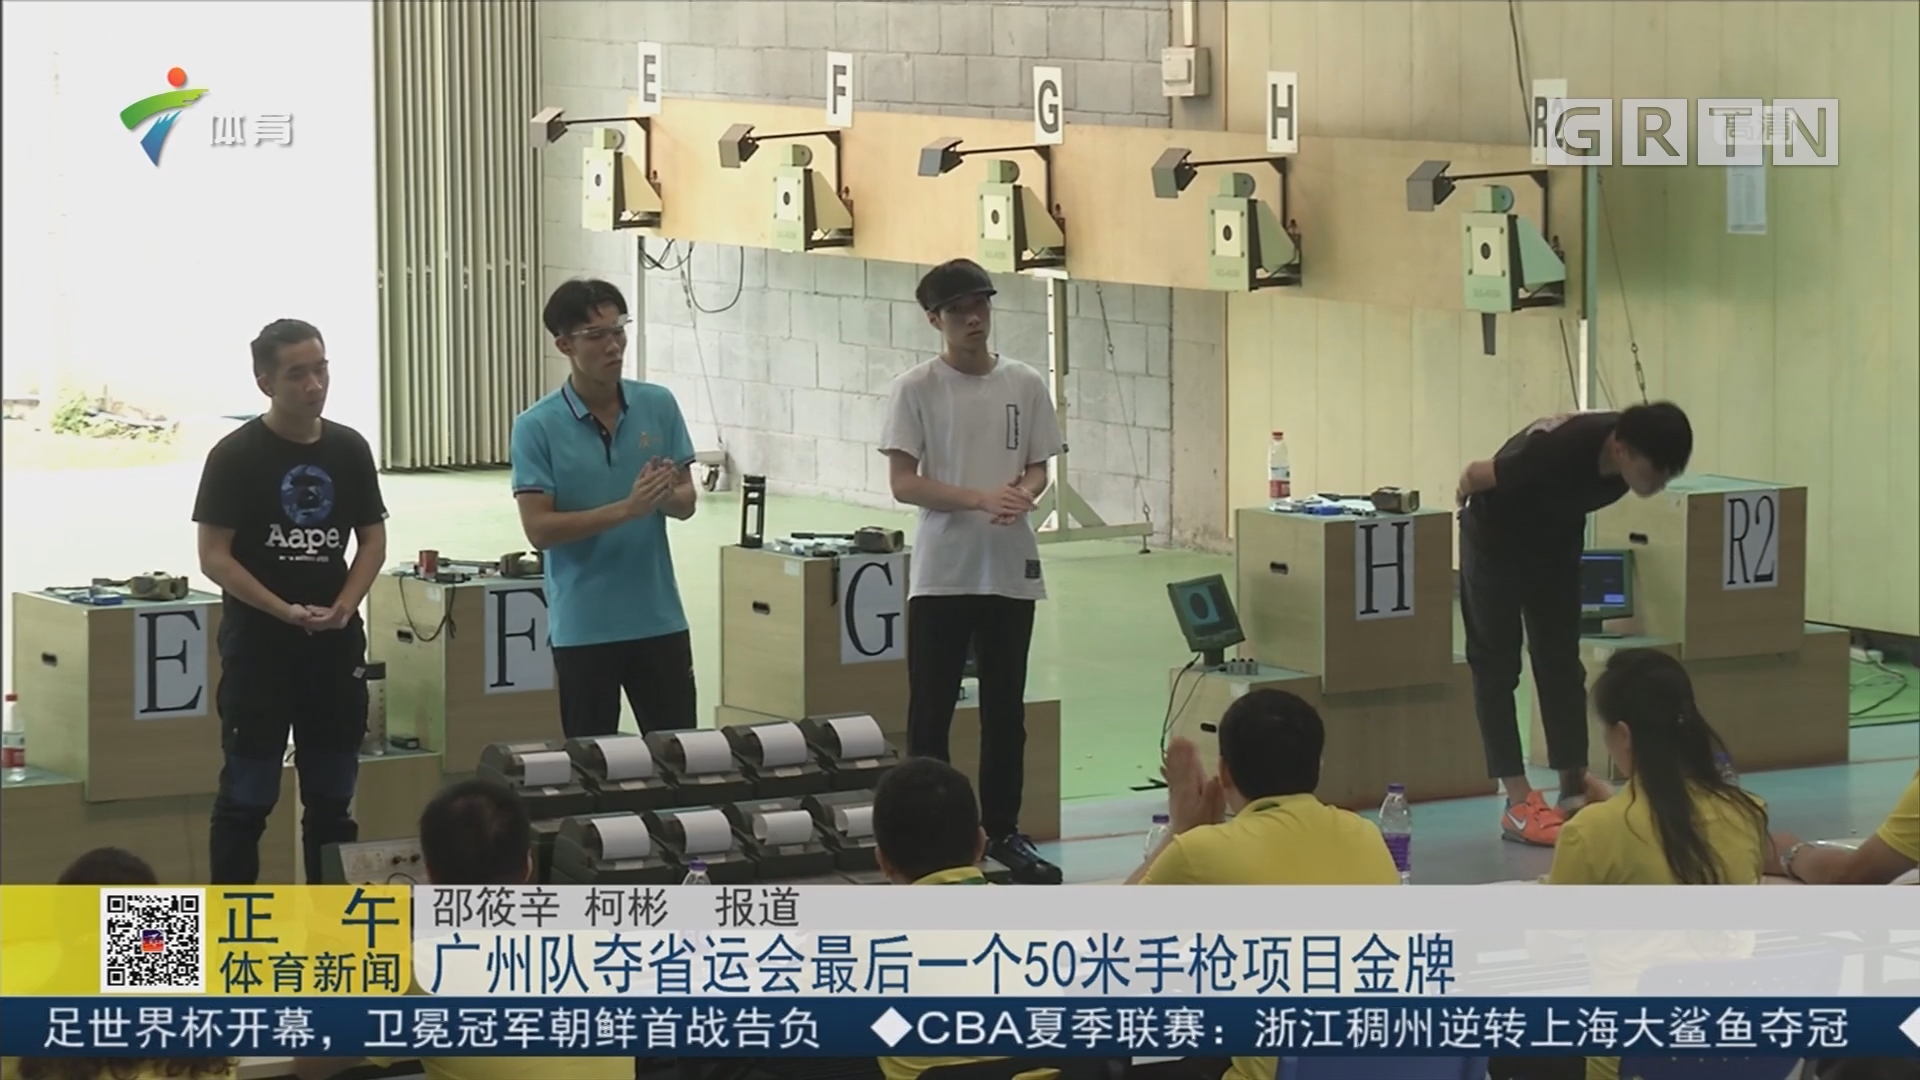 广州队夺省运会最后一个50米手枪项目金牌